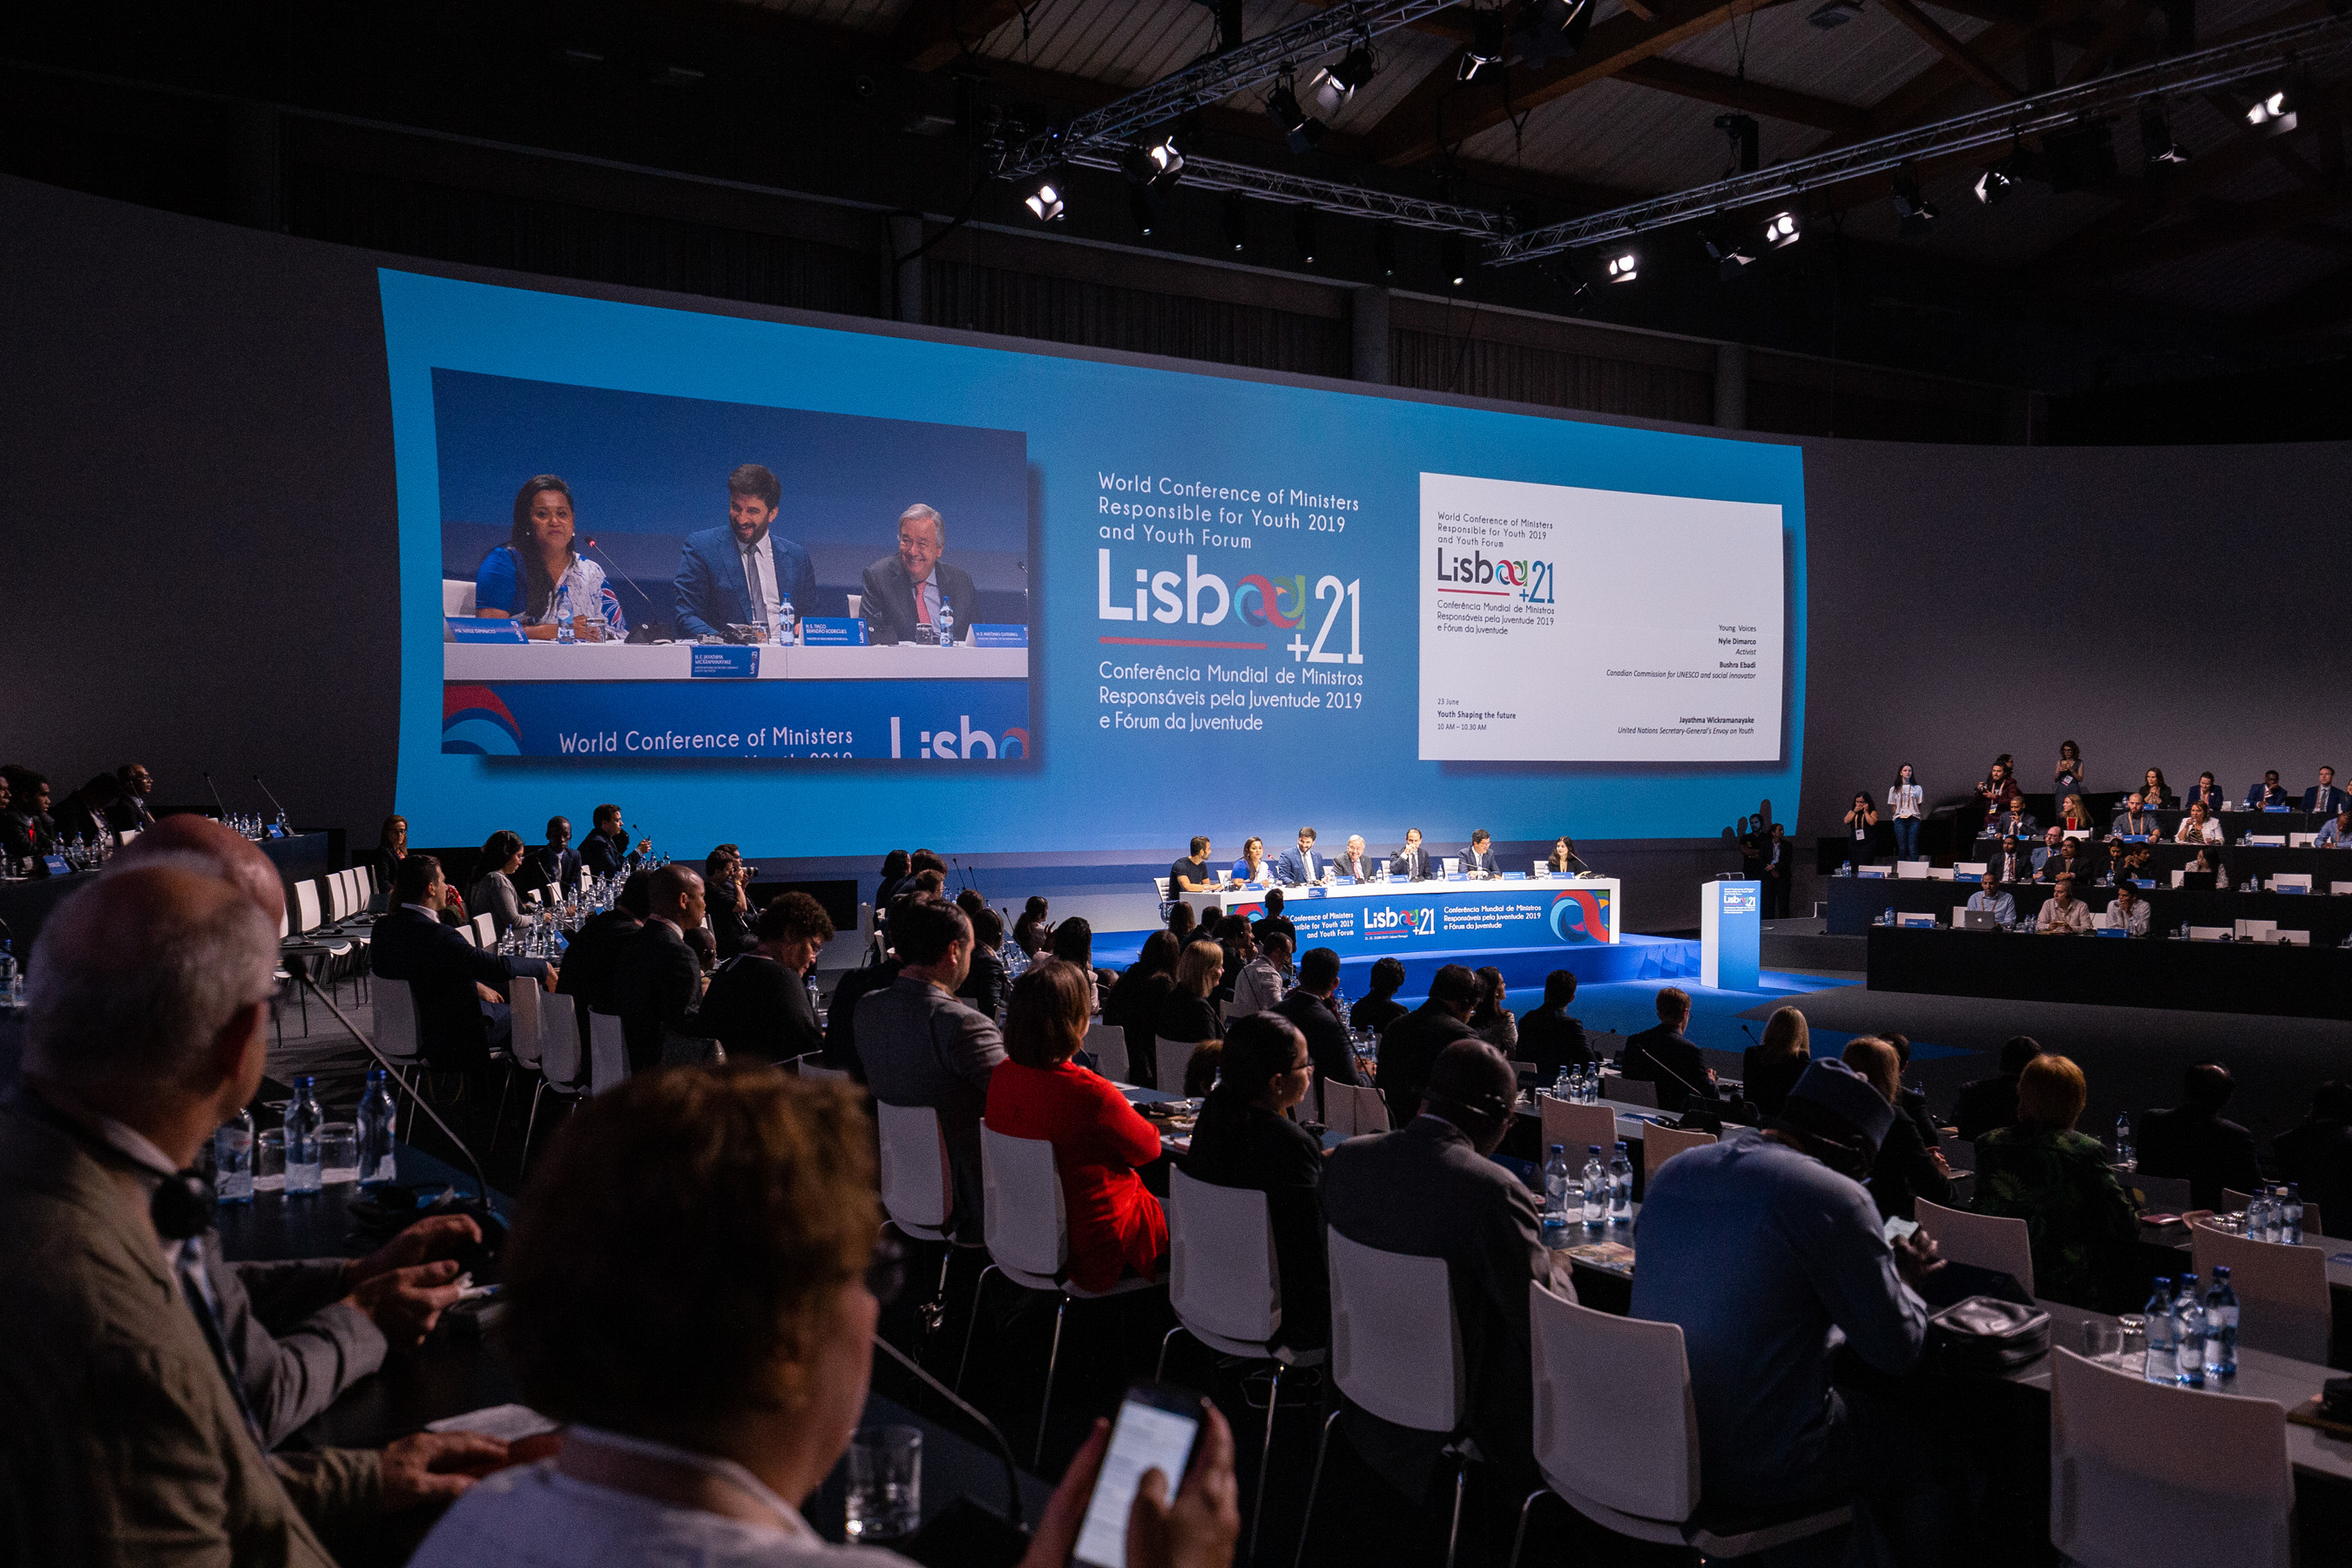 imagem da cerimónia de encerramento da conferência